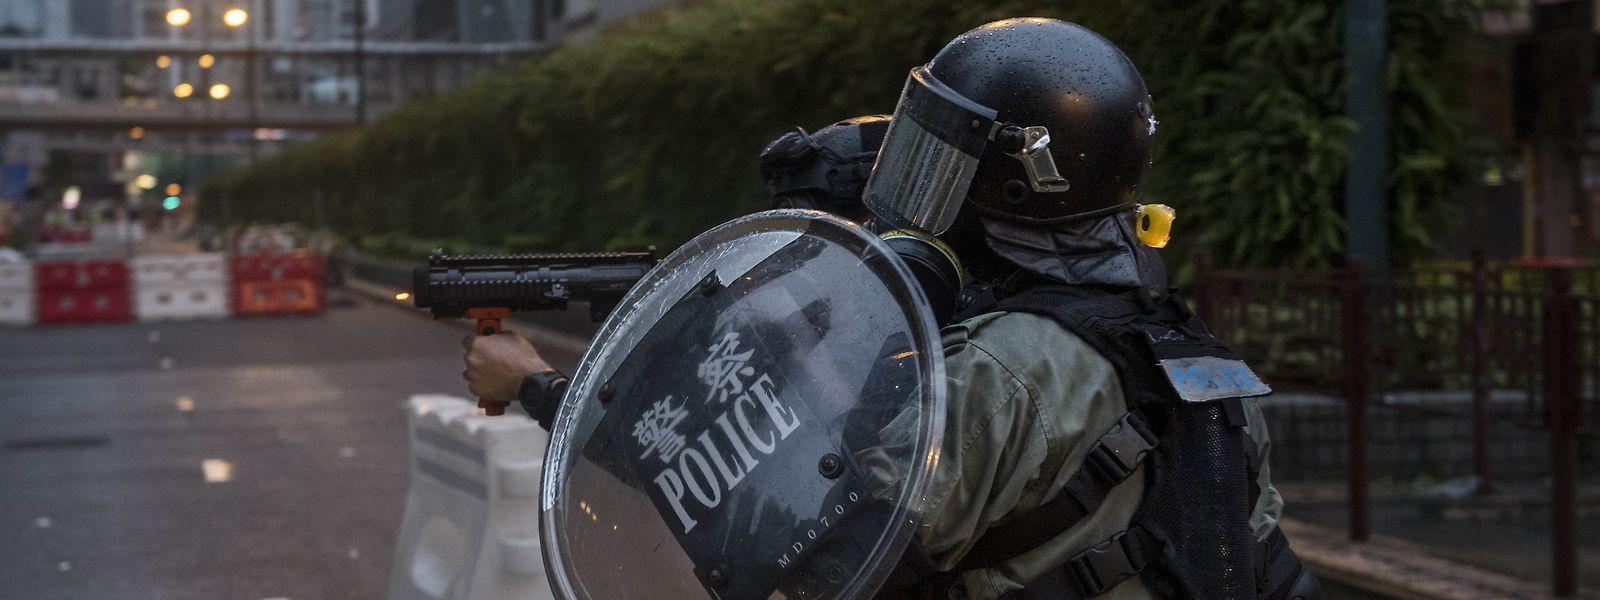 Ein Polizist zielt auf Demonstranten. Bei Protesten in Hongkong ist es erneut zu schweren Zusammenstößen zwischenPolizei und Demonstranten gekommen.